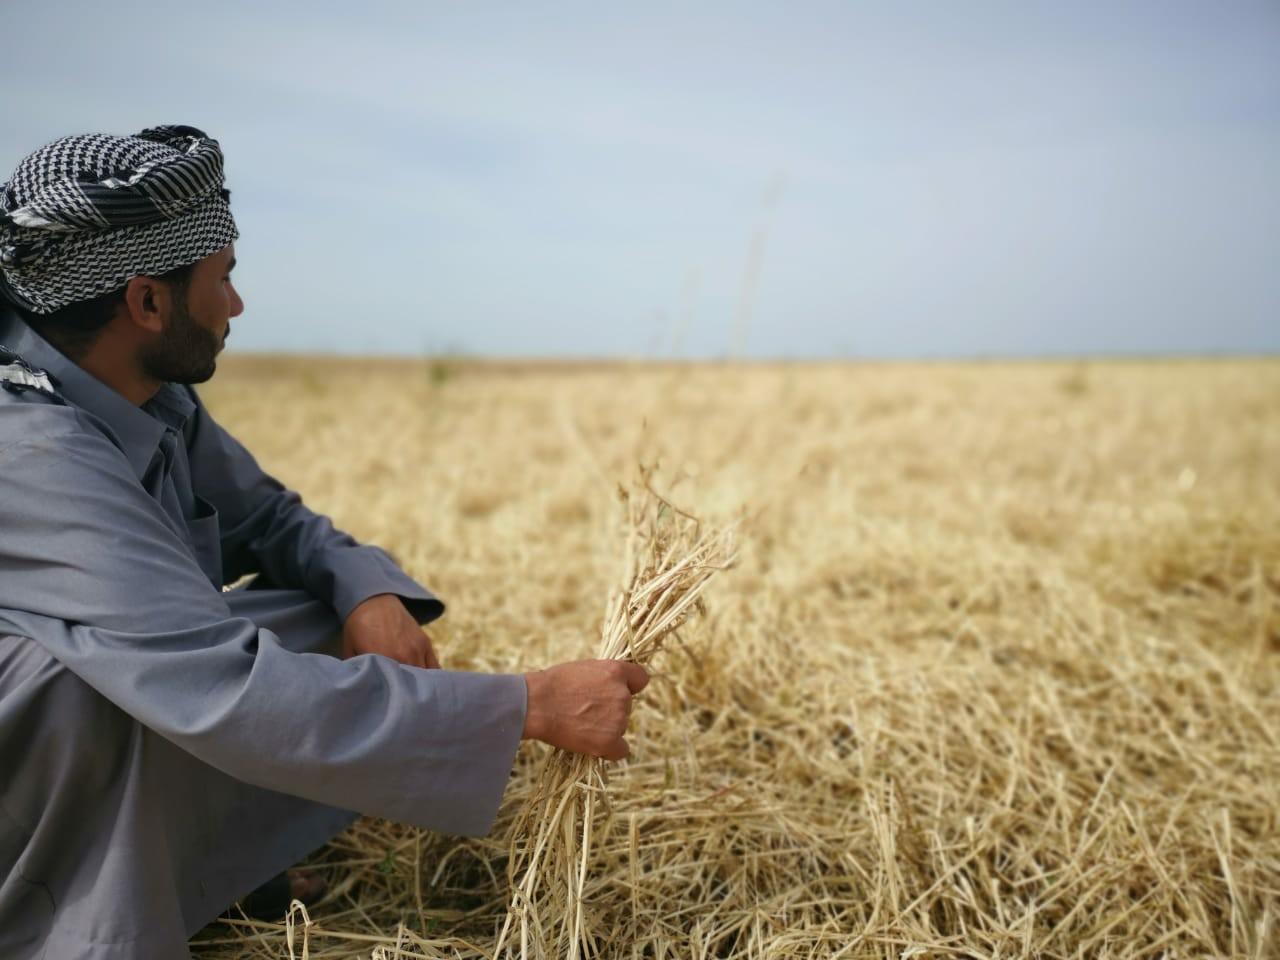 العراق سيواجه أزمة النفط بمنتجاته المحلية وقريبا سنصّدر 750 ألف طن من الشعير